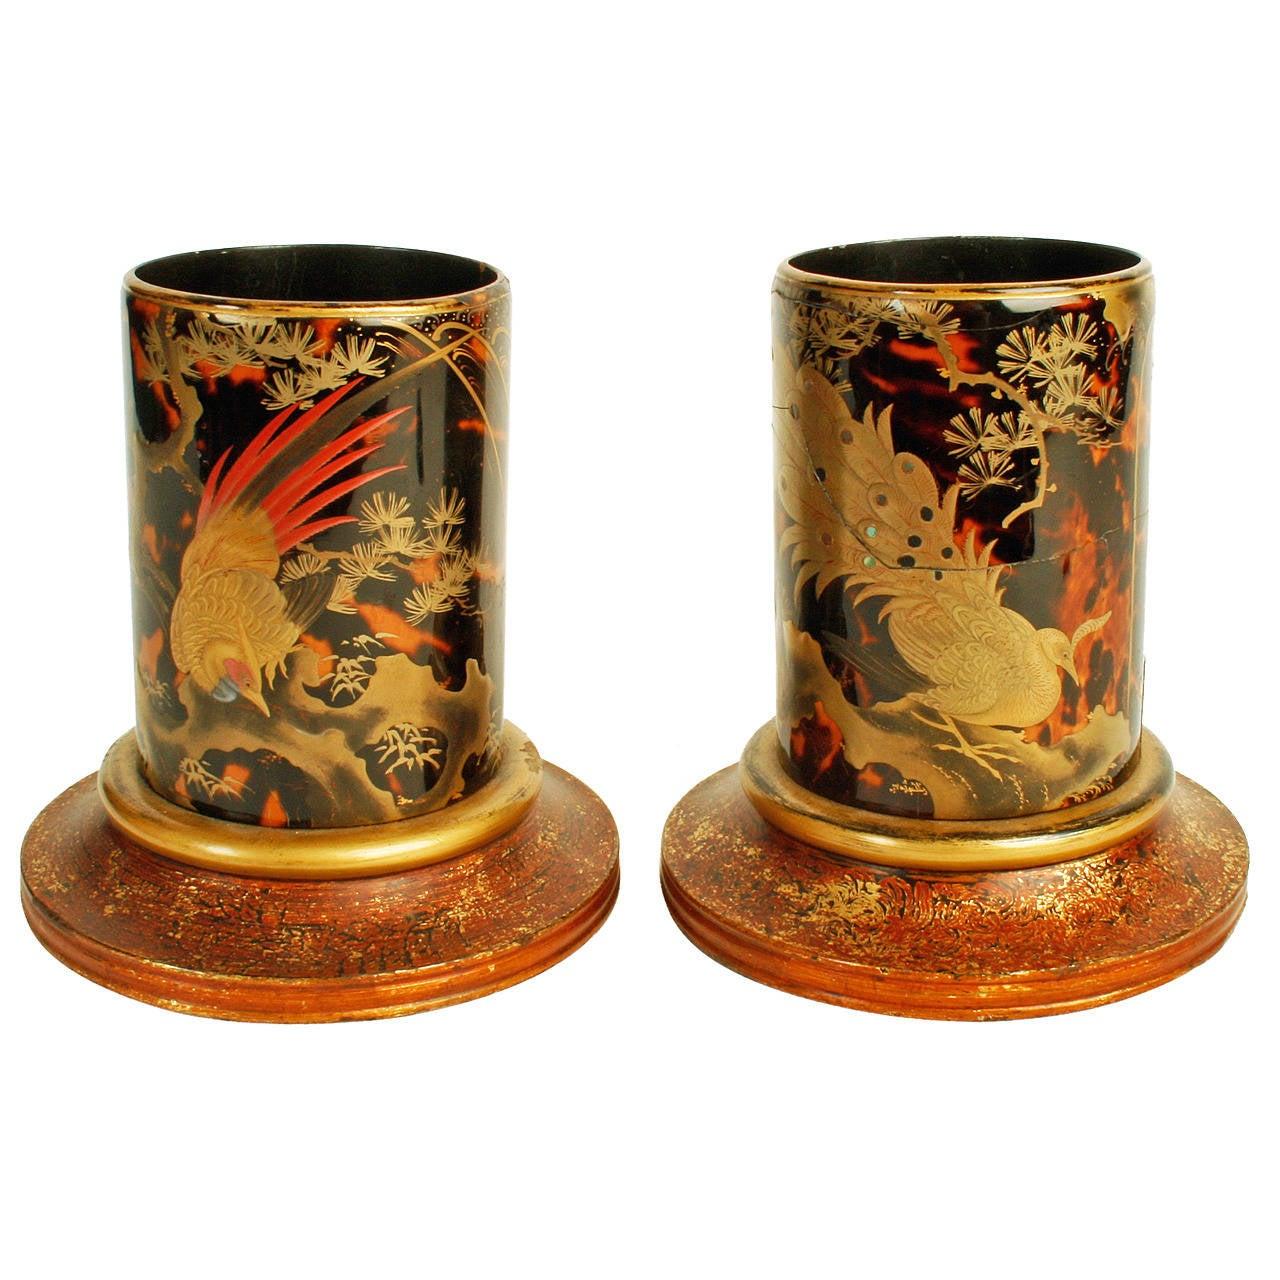 Pair of Japanese Tortoiseshell Brush Pots, Late 19th Century